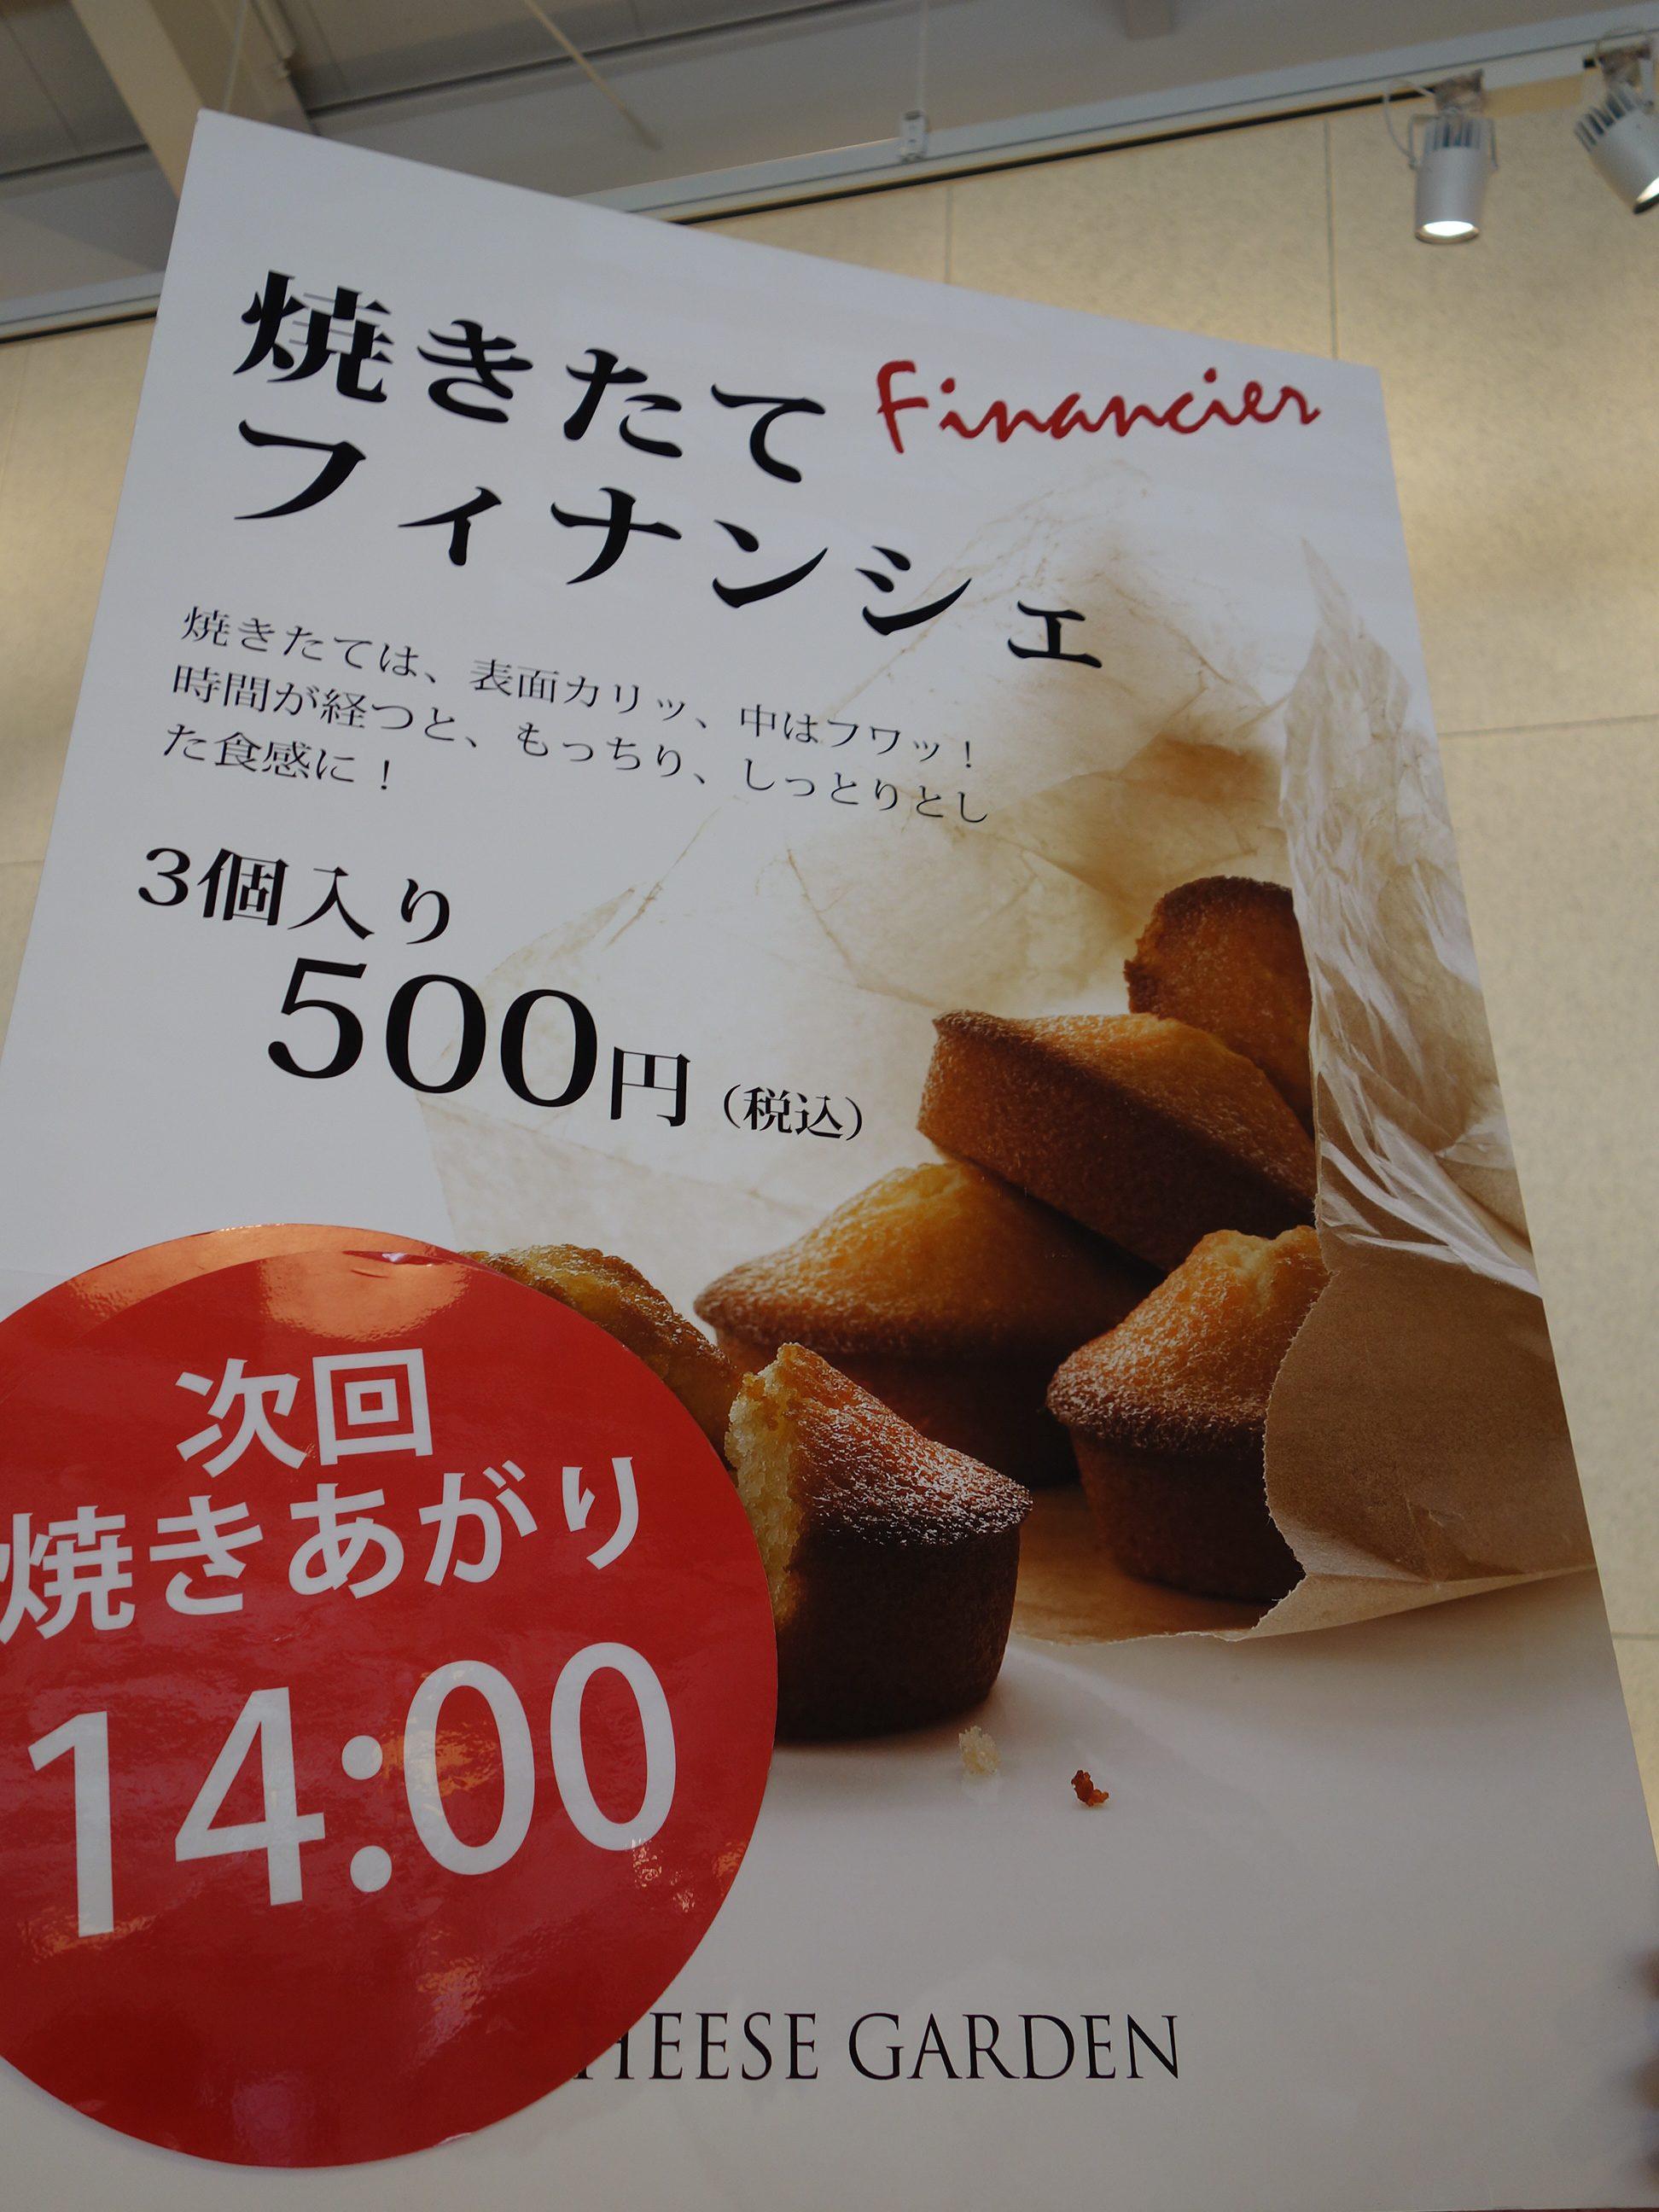 チーズガーデン,那須,フィナンシェ,五峰館,しらさぎ邸,チーズケーキ,焼き菓子